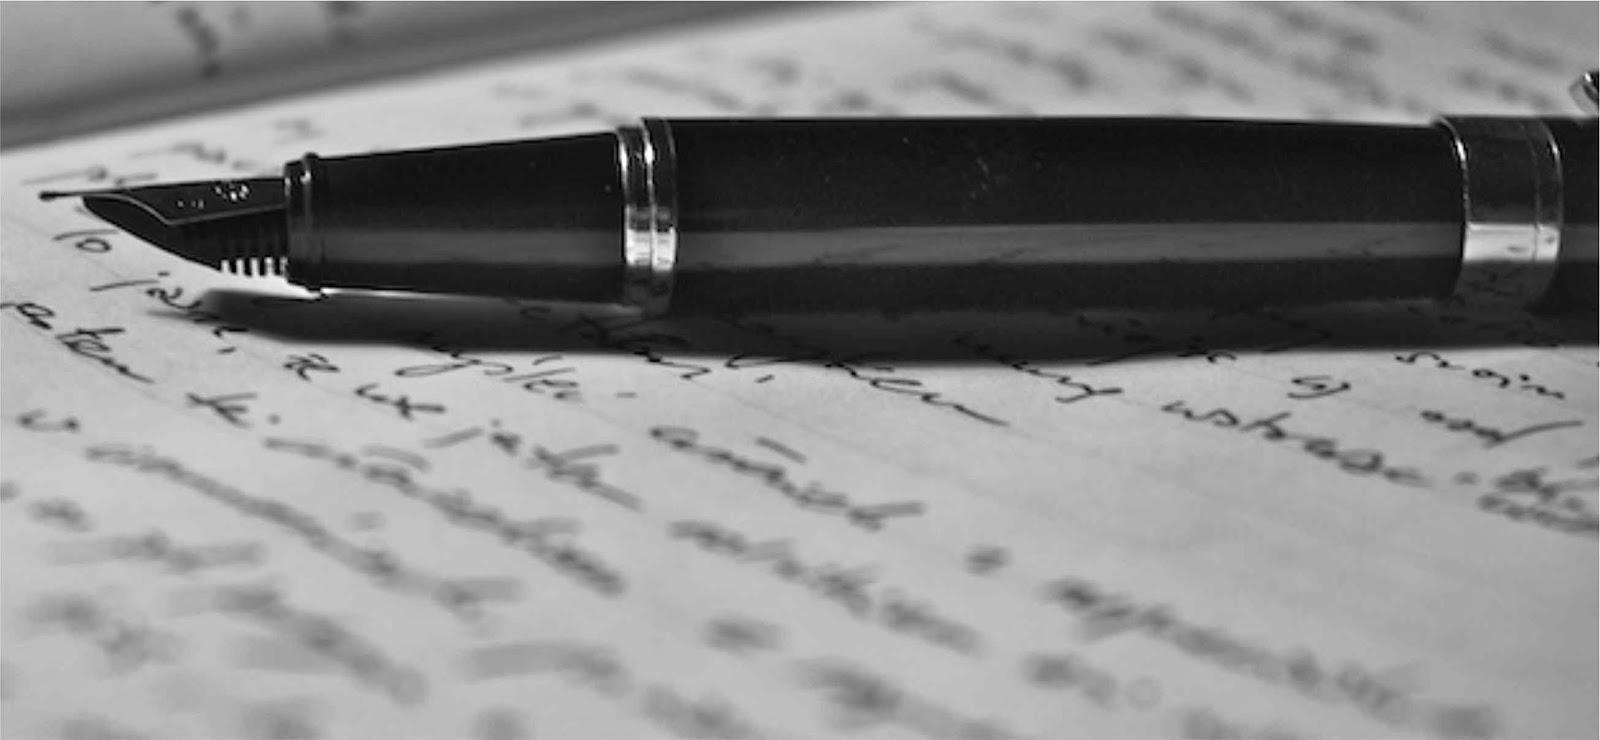 Acordei com vontade de escrever poesia